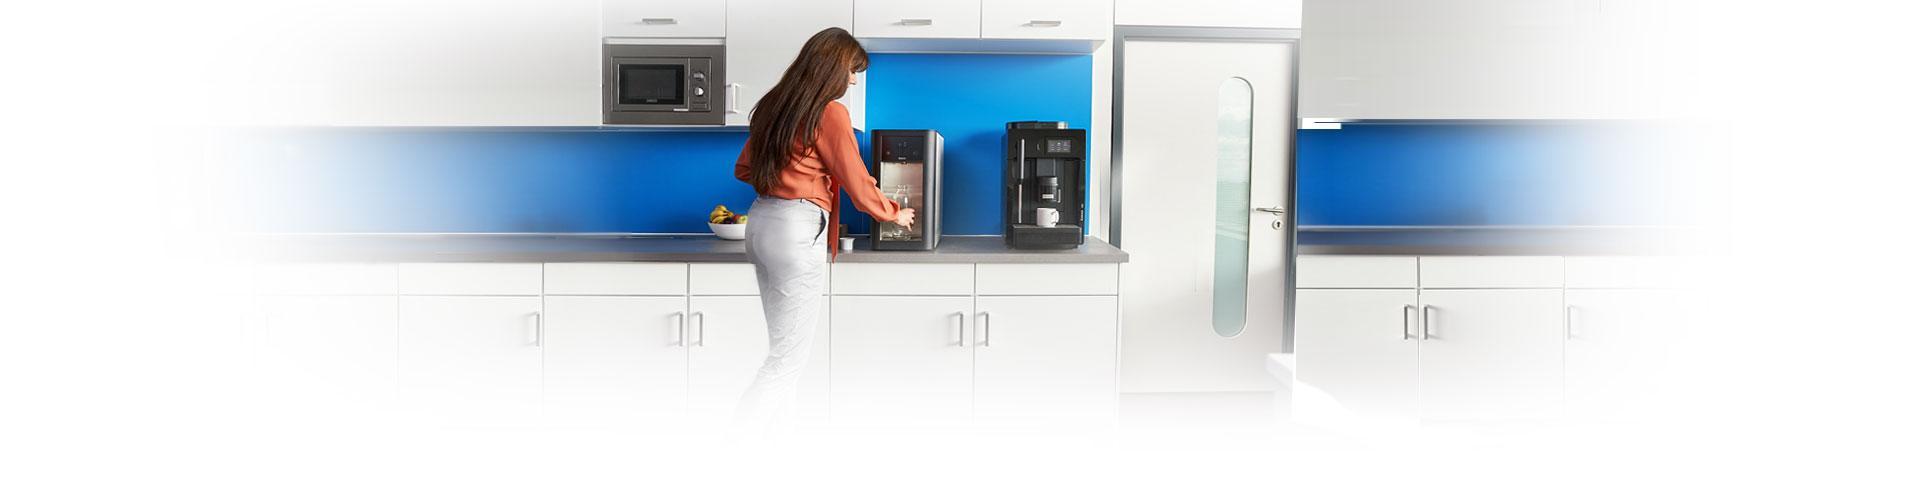 BRITA Wasserspender auf Küchen-Arbeitsplatte